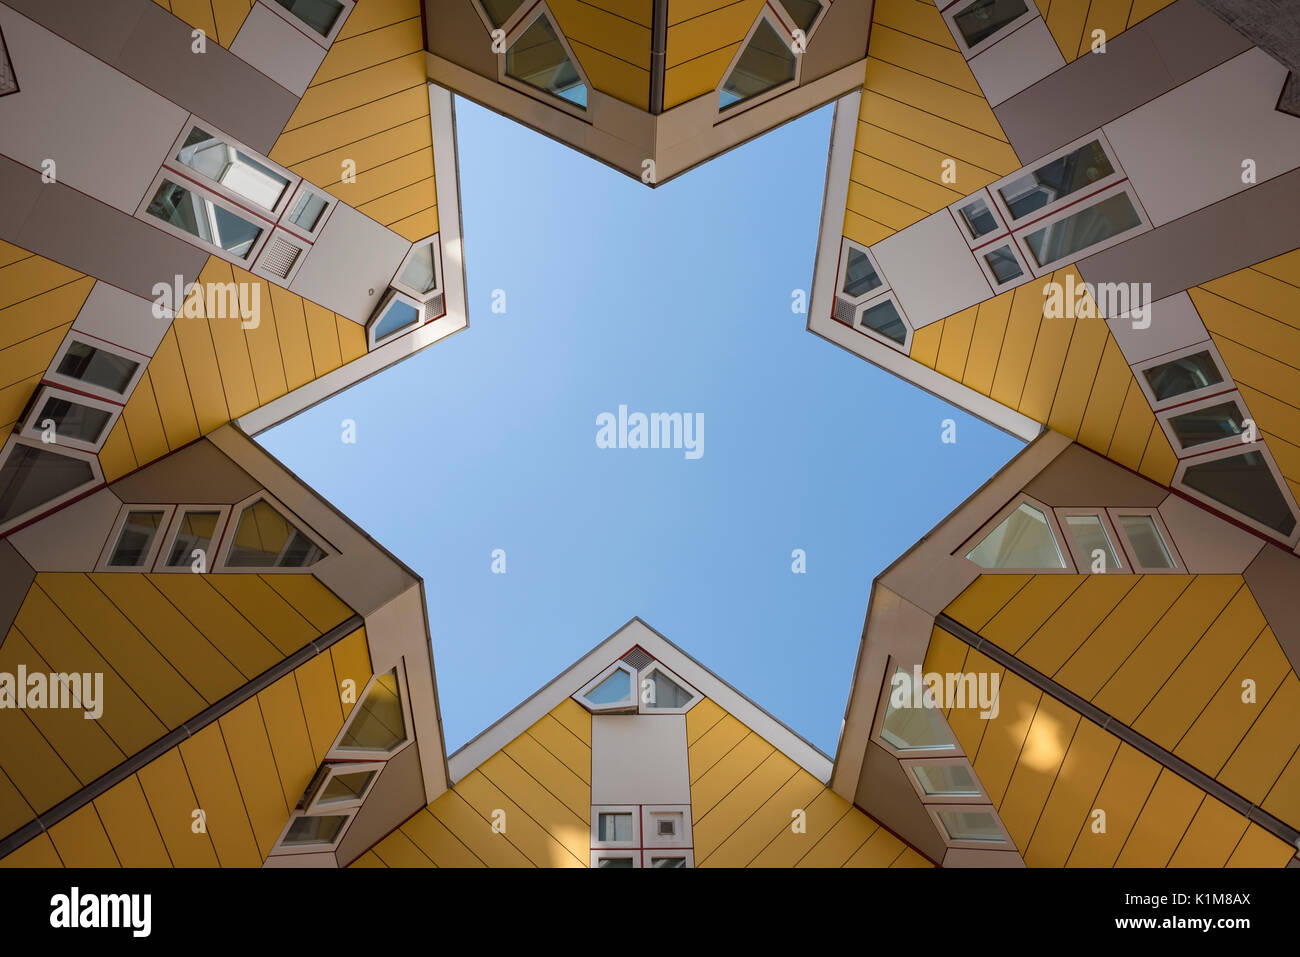 Casas cubo, cubo de la arquitectura, el arquitecto Piet Blom, Blaak, Rotterdam, Países Bajos Imagen De Stock